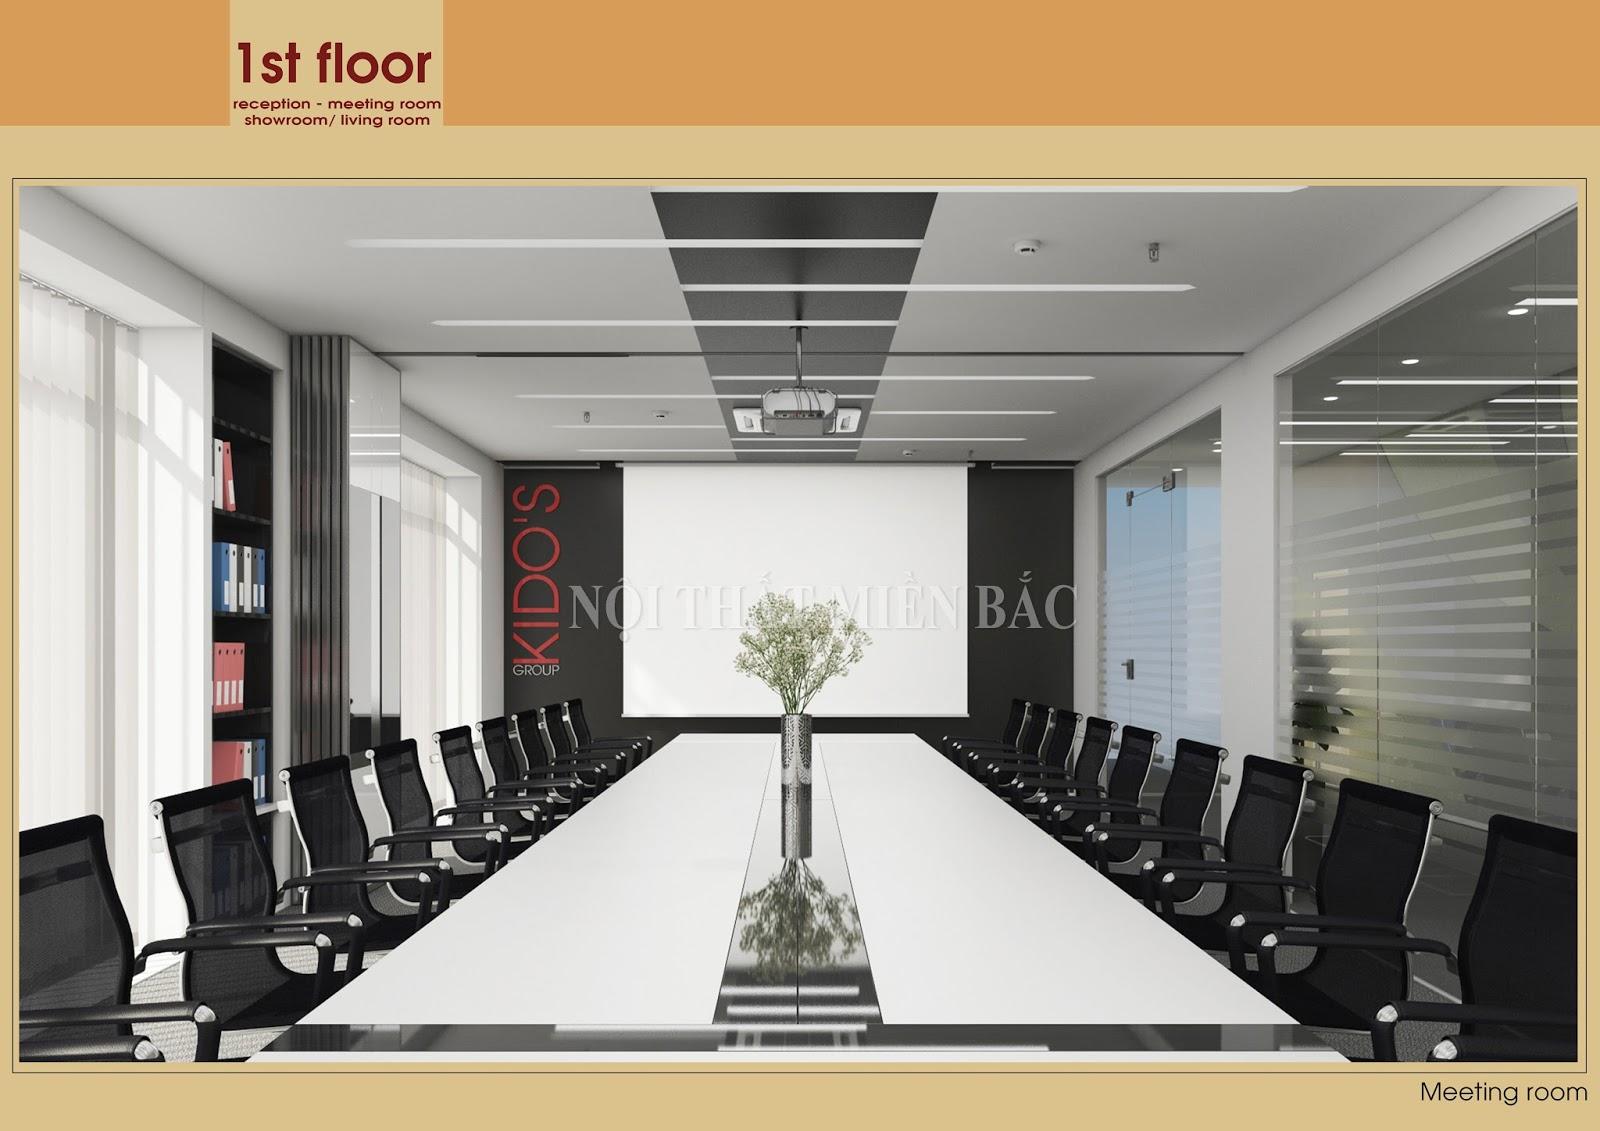 Thiết kế nội thất văn phòng họp tích hợp nhiều công năng